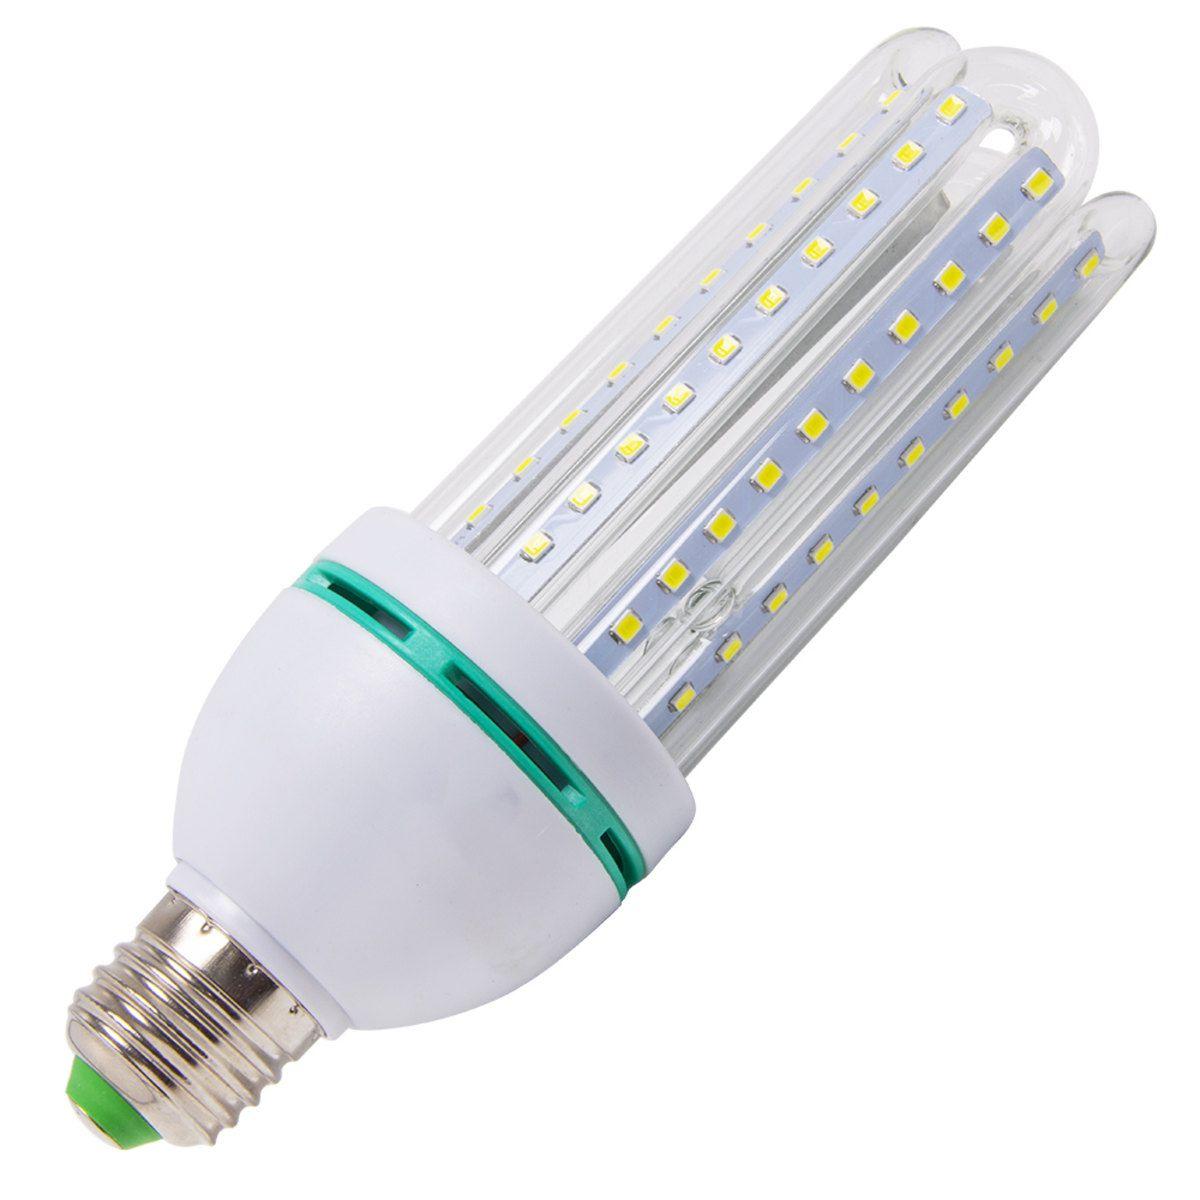 Lâmpada Led Milho 24W 6500K Luz Branca Fria Bivolt Asus